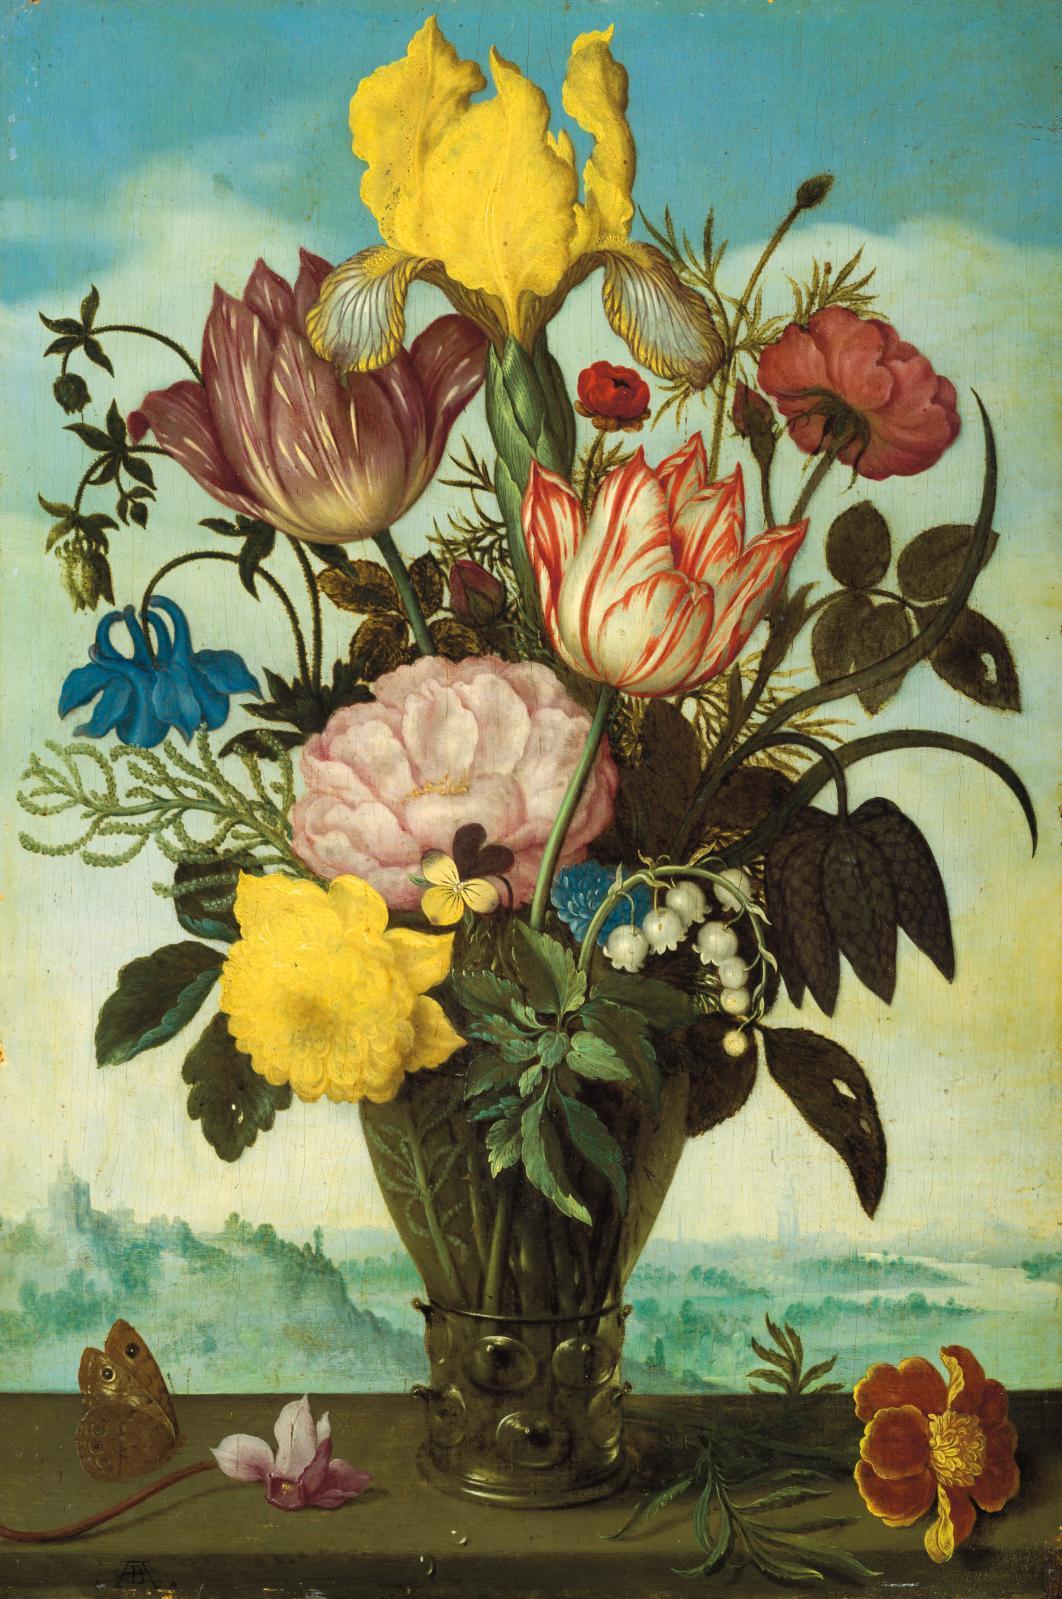 Ambrosius Bosschaert le Vieux (1573-1621), Fleurs coupées dans un römer posé sur un entablement sur fond de paysage (détail), huile sur panneau, 29,2